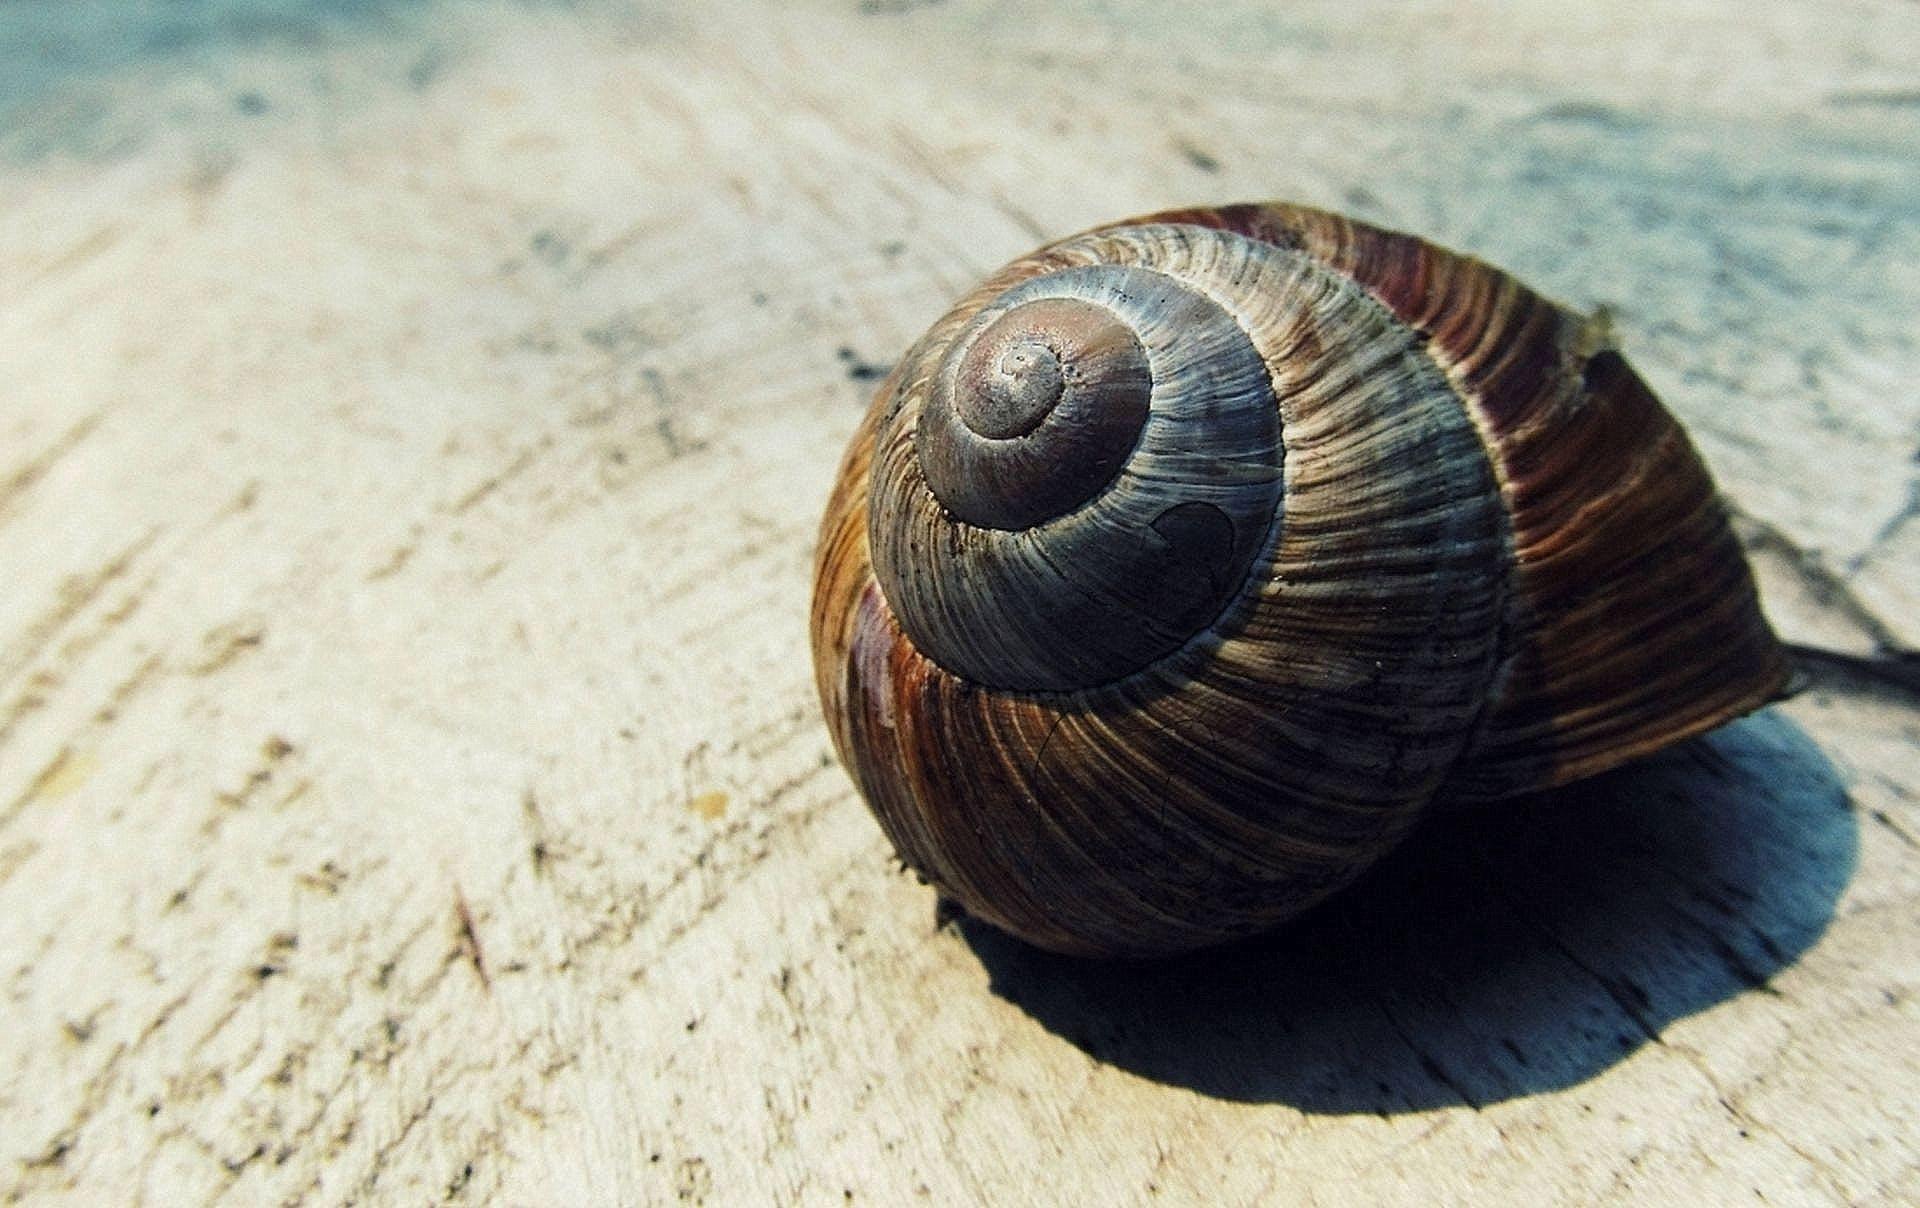 Gratis lagerfoto af bløddyr, hav, hvirvelløse, makro